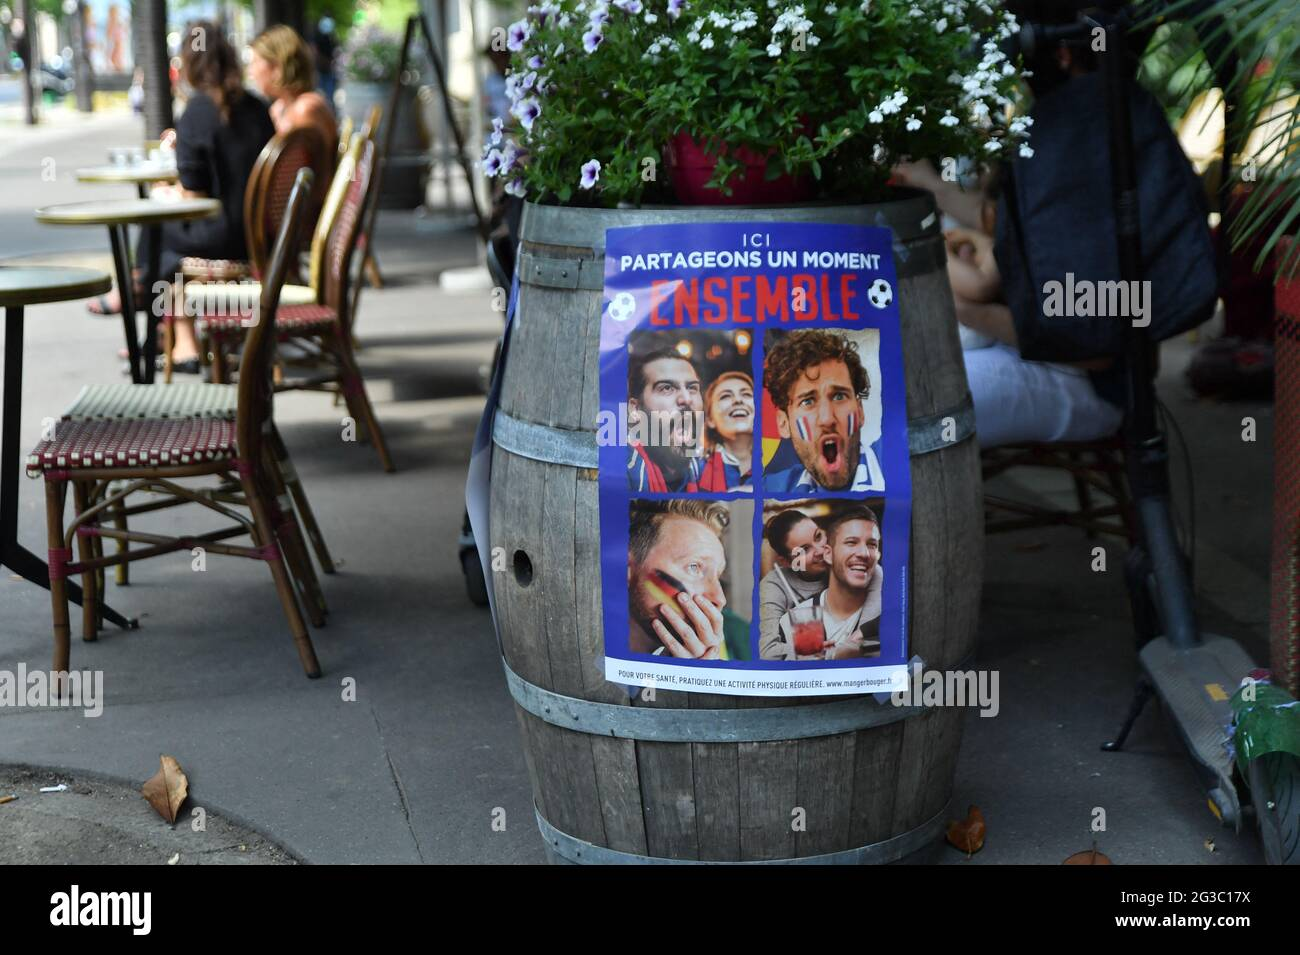 Bars bereiten sich vor dem Spiel zwischen Frankreich und Deutschland während der EURO 2020 in Paris, Frankreich, am 15. Juni 2021 vor. Foto von Karim Ait Adjedjou/Avenir Pictures/ABACAPRESS.COM Stockfoto